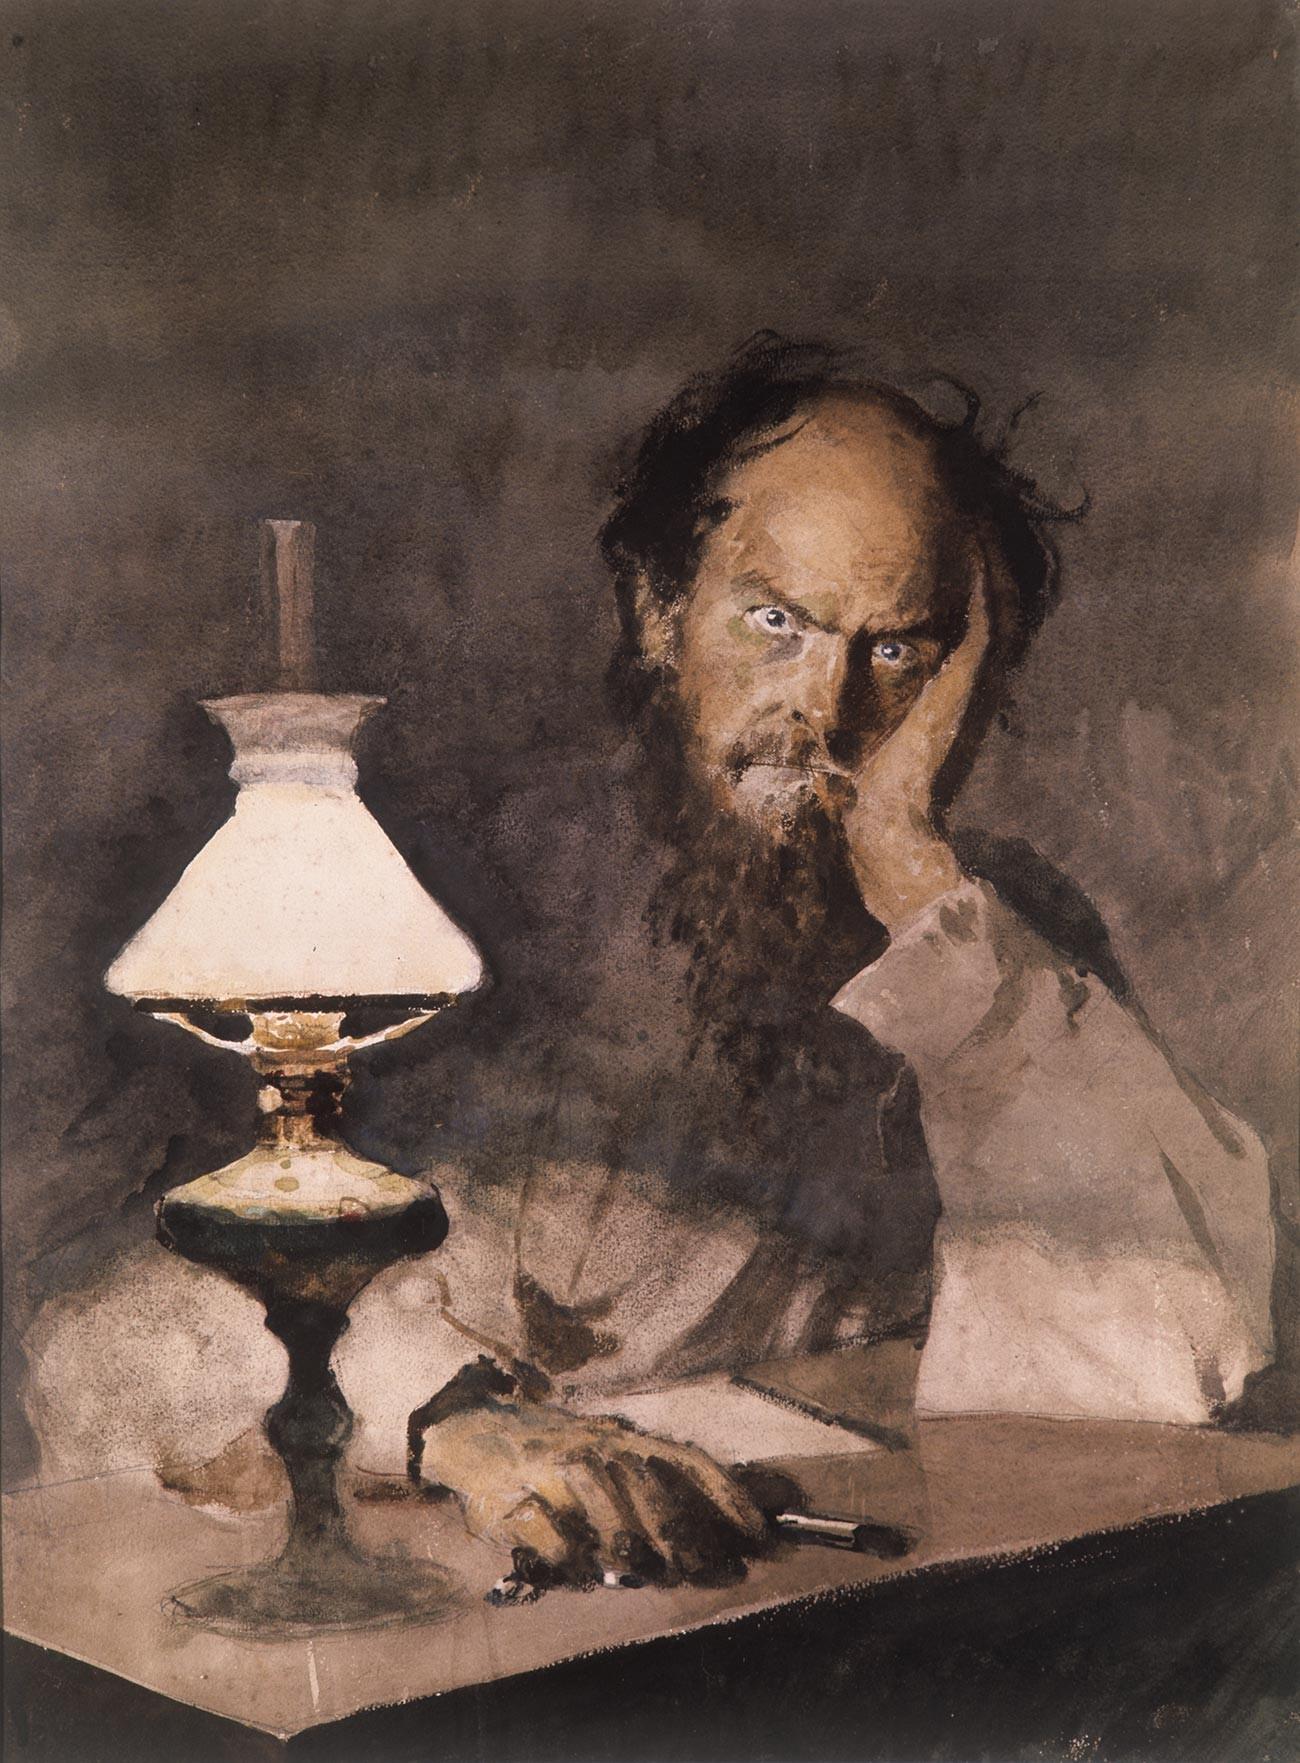 『悪霊』のイラストレーション。自殺の直前のキリーロフ、M.ドゥルノフ画